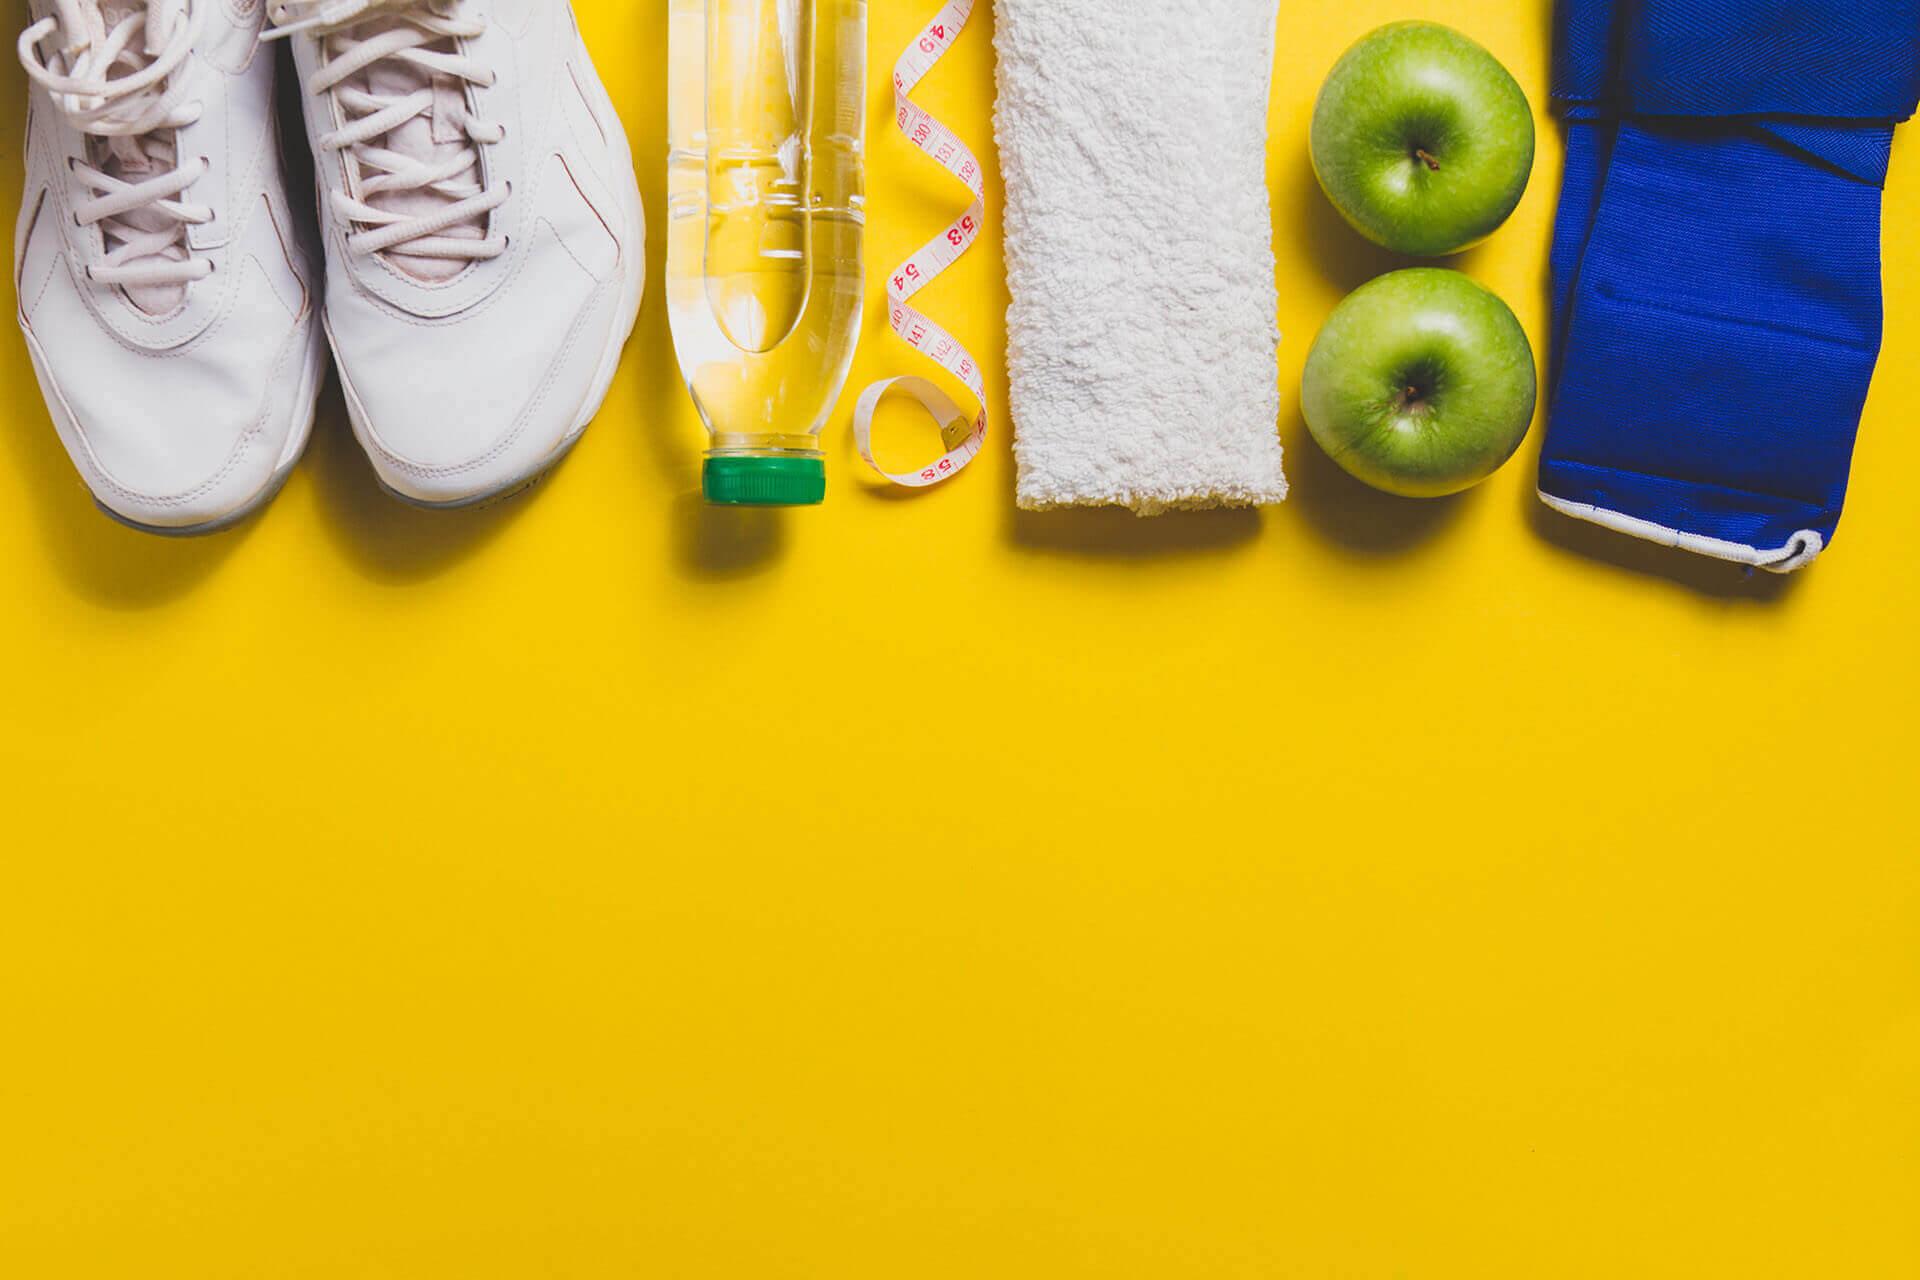 sneakers bottle apples towel